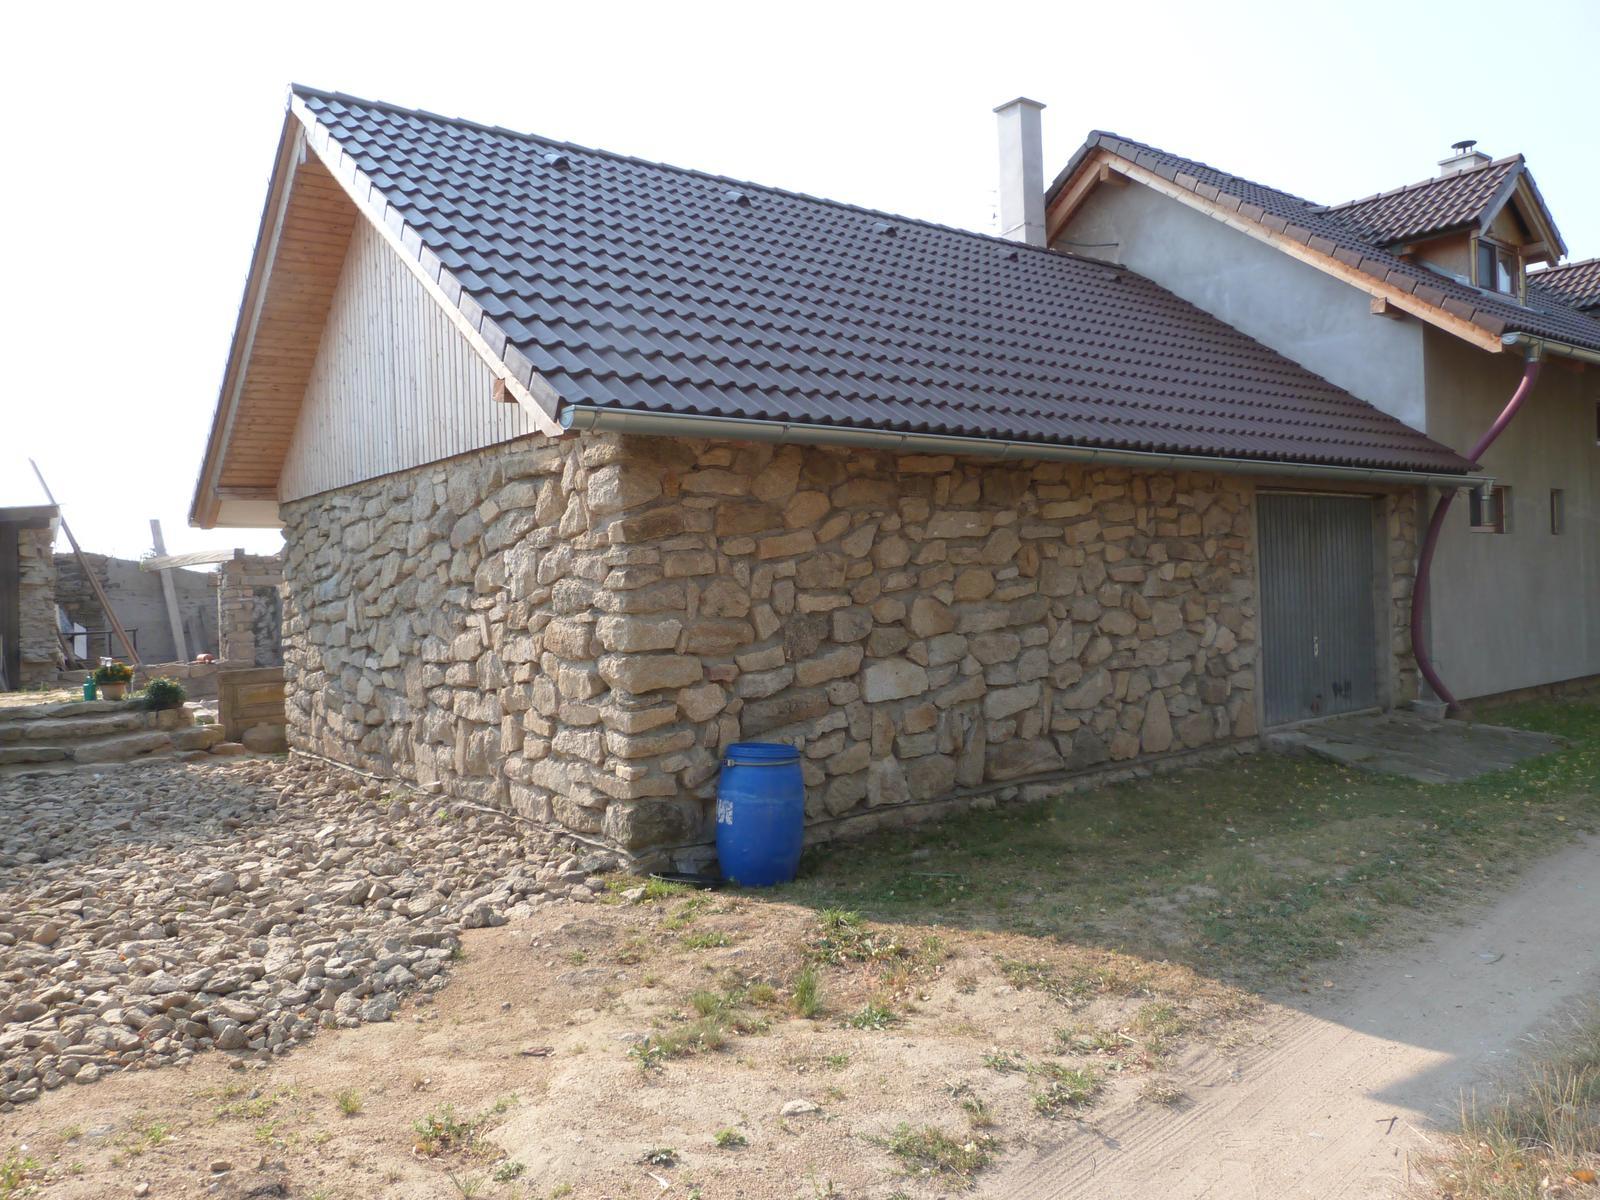 Ostatní - krásná kamenná garáž